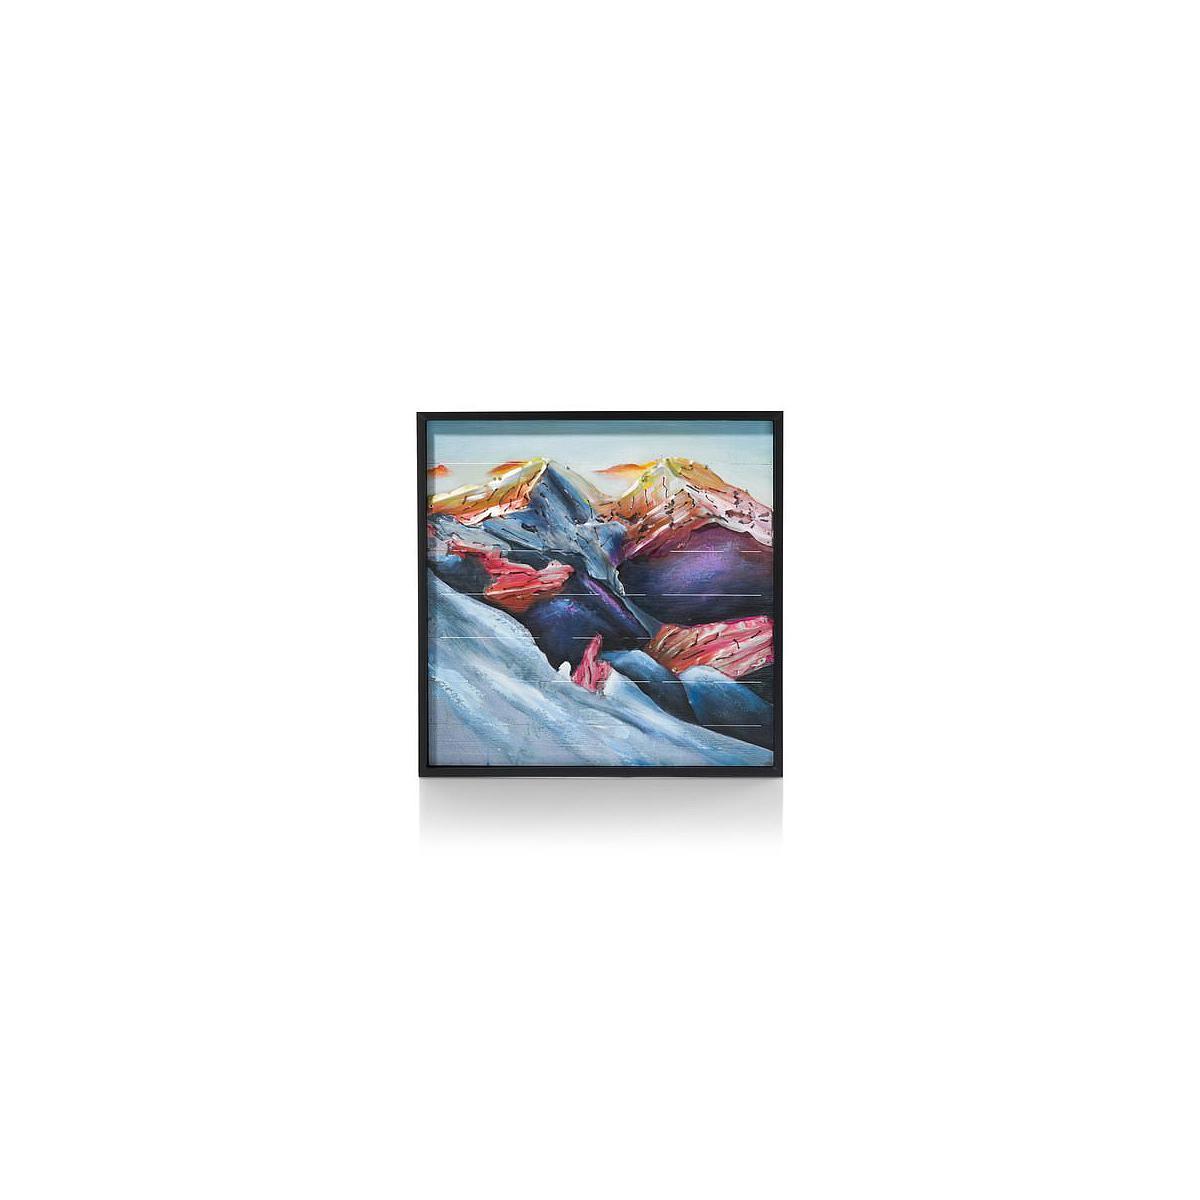 Peinture MOUNTAIN Coco Maison 73x73cm